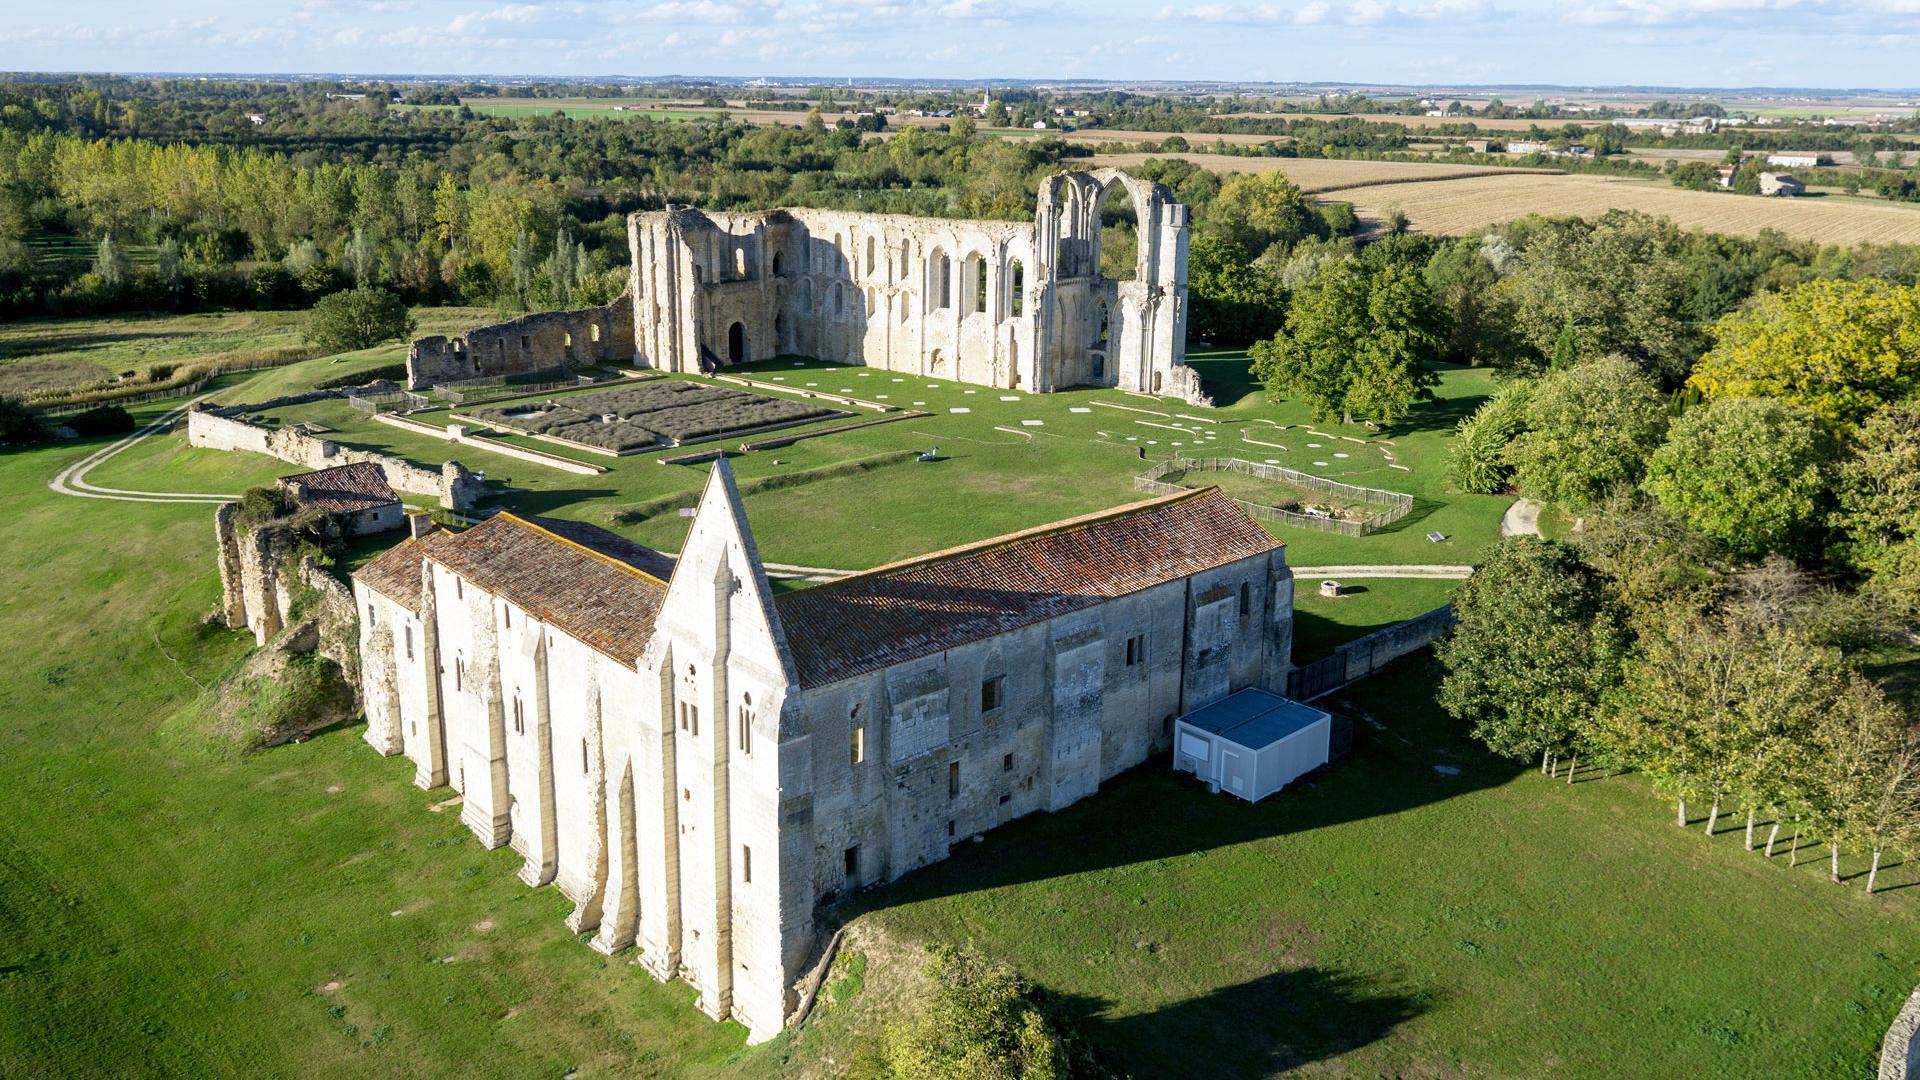 Abbaye-de-maillezais-Vendee-copyright-Shootvideo-2014---MD.jpg?itok=upeB3zYW